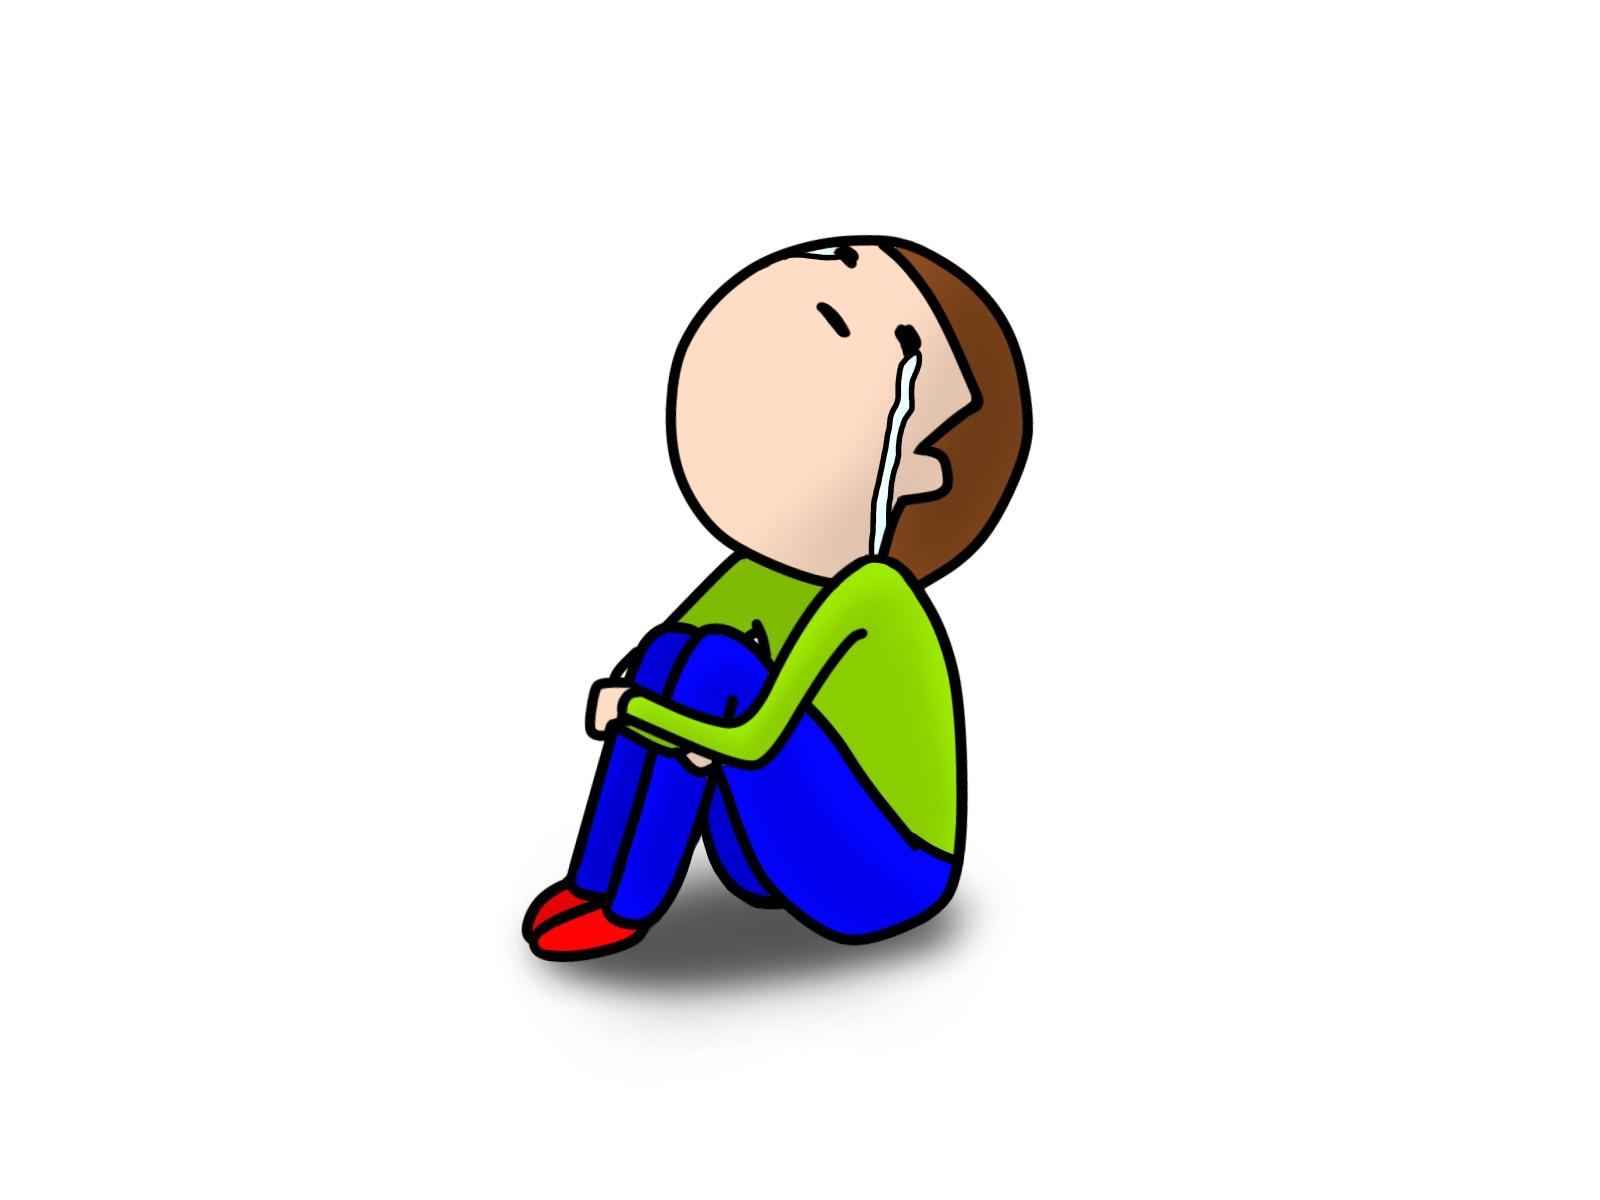 息子の自閉症に気づいたのはよく泣くこと、聴覚過敏、言葉の遅れ